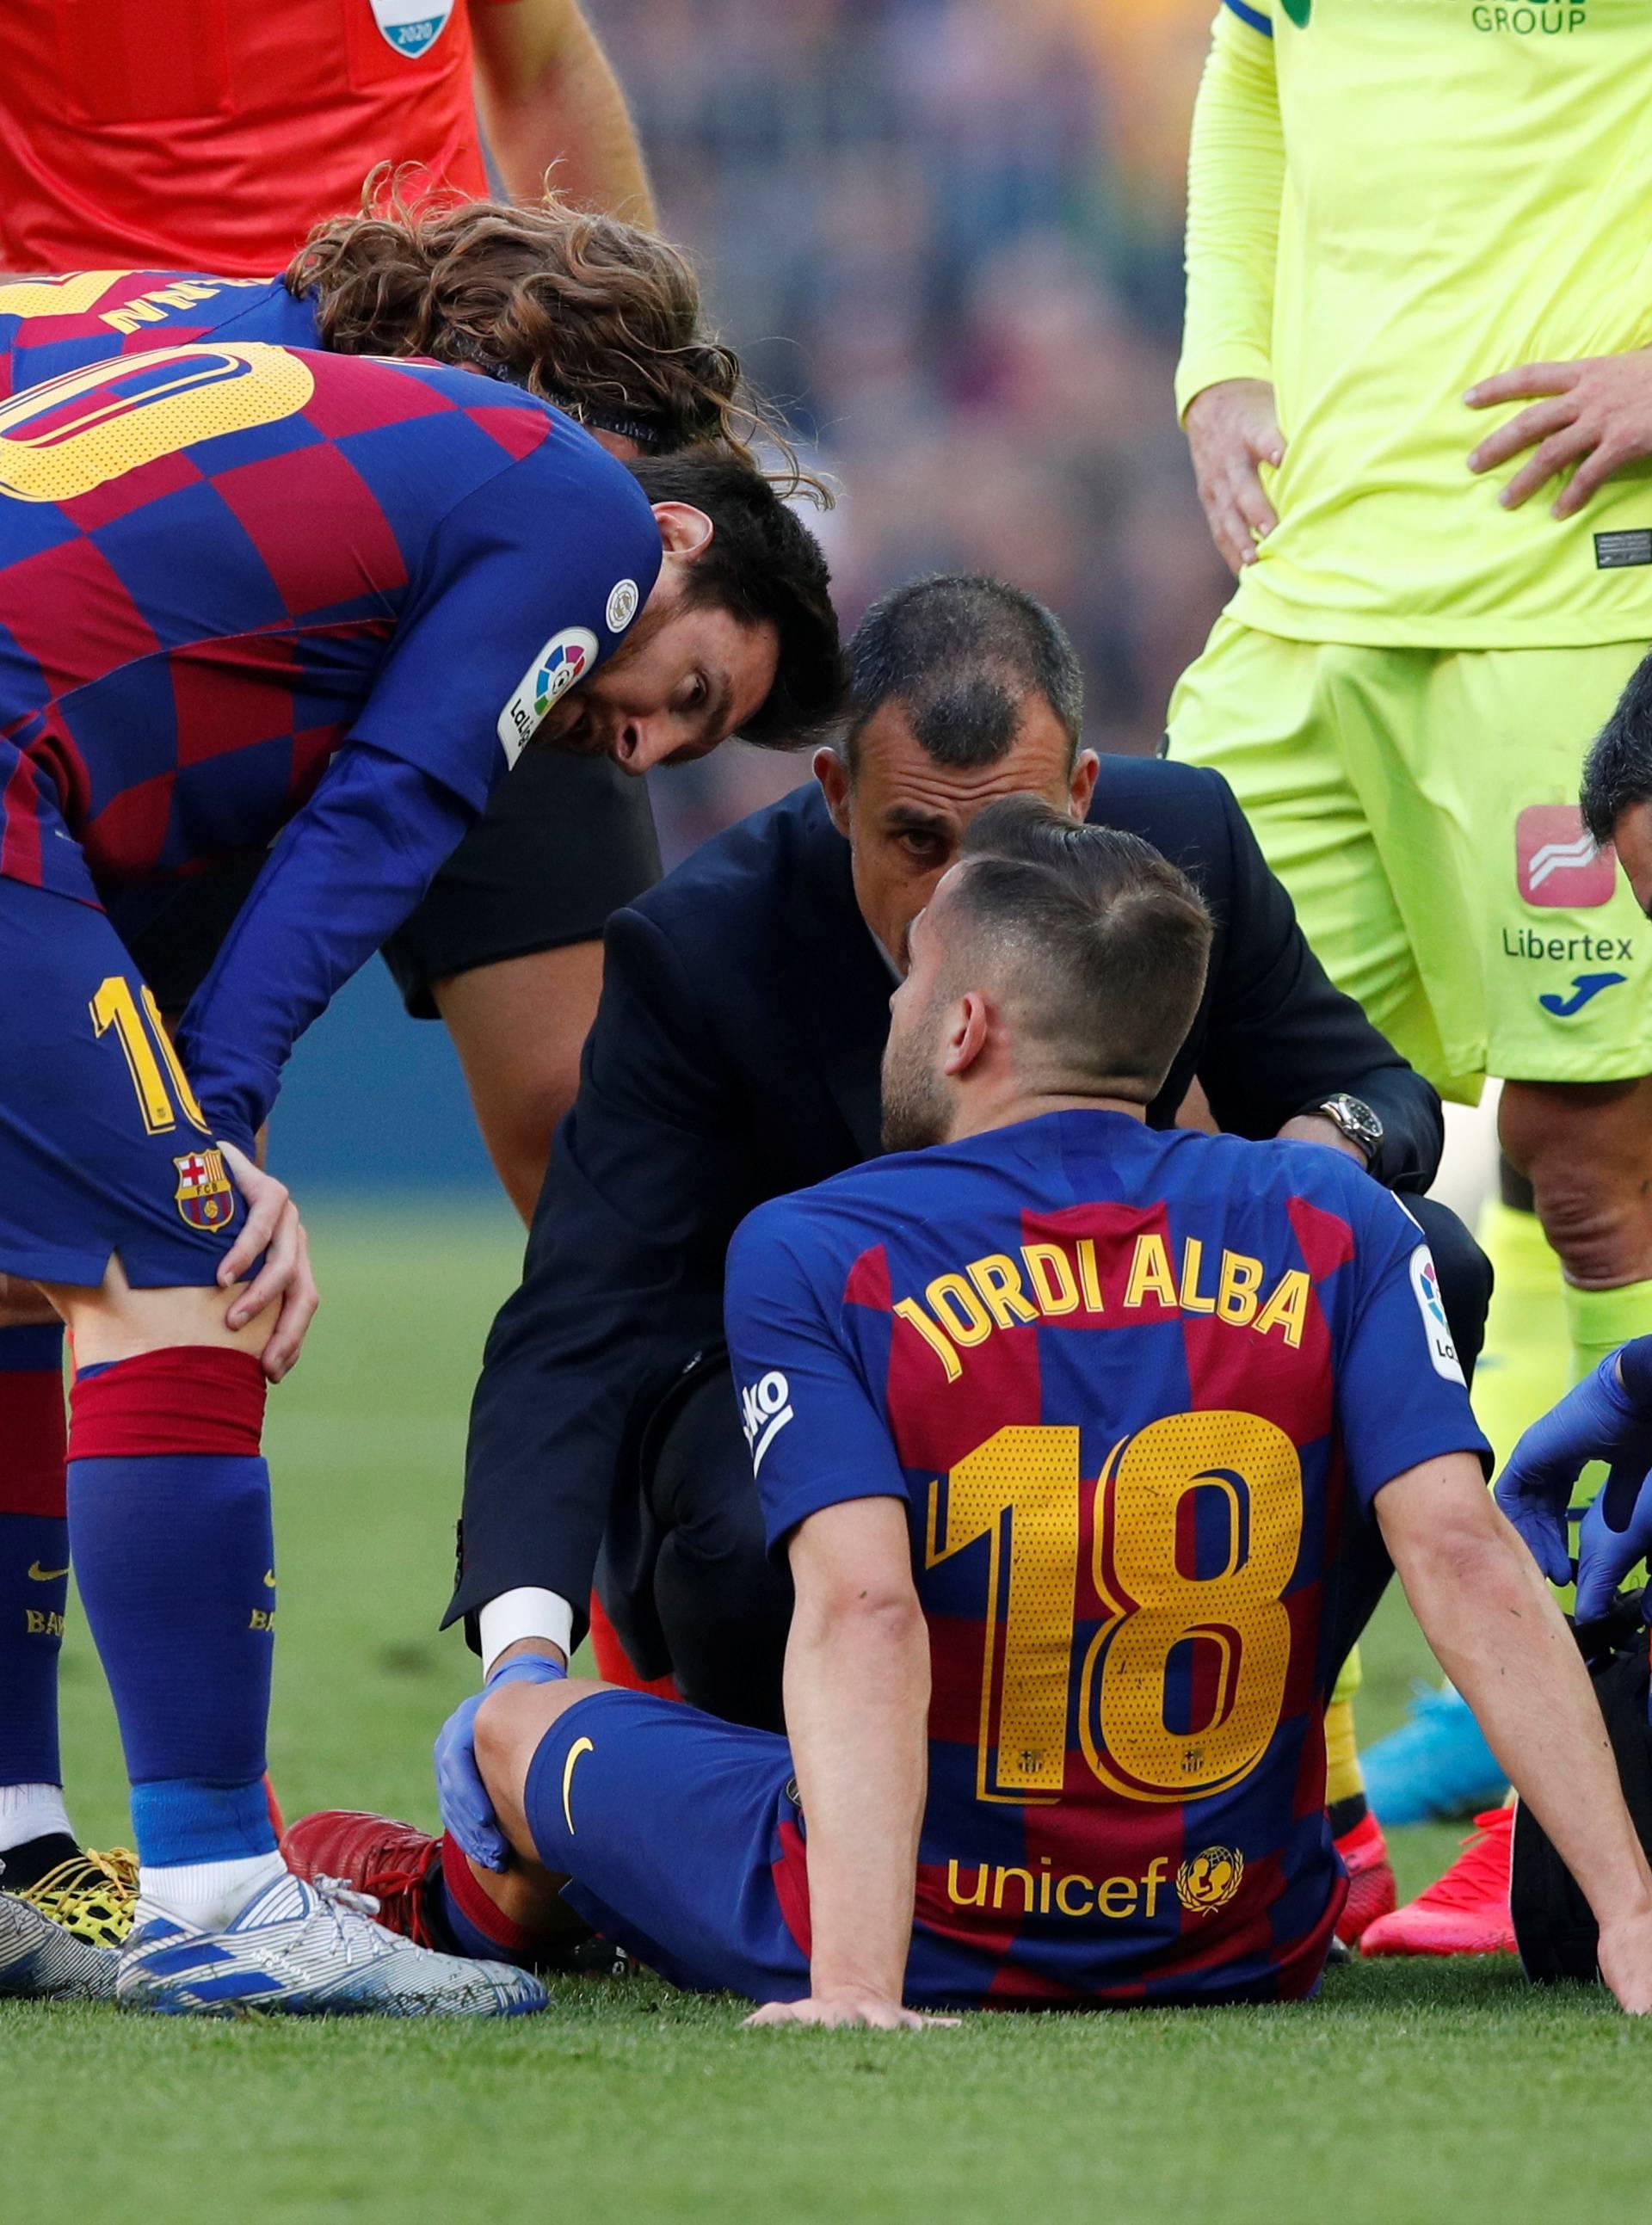 Barça jedva preskočila Getafe: Jordi Alba duže izvan terena?